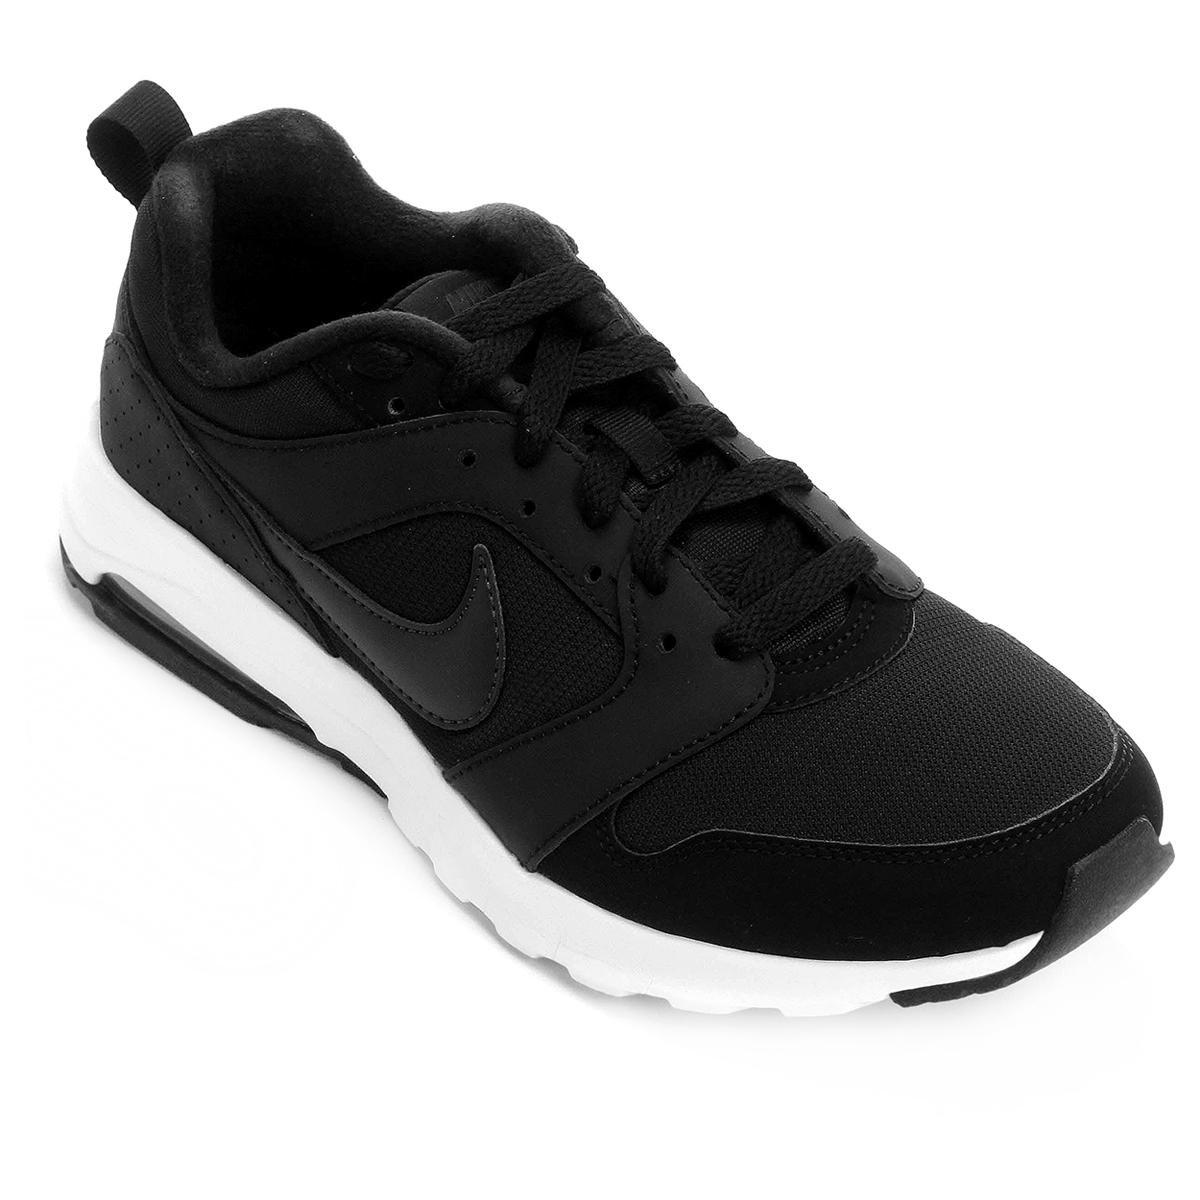 Tênis Nike Air Max Motion Masculino - Preto e Branco - Compre Agora ... 93a78fa3a2c1e